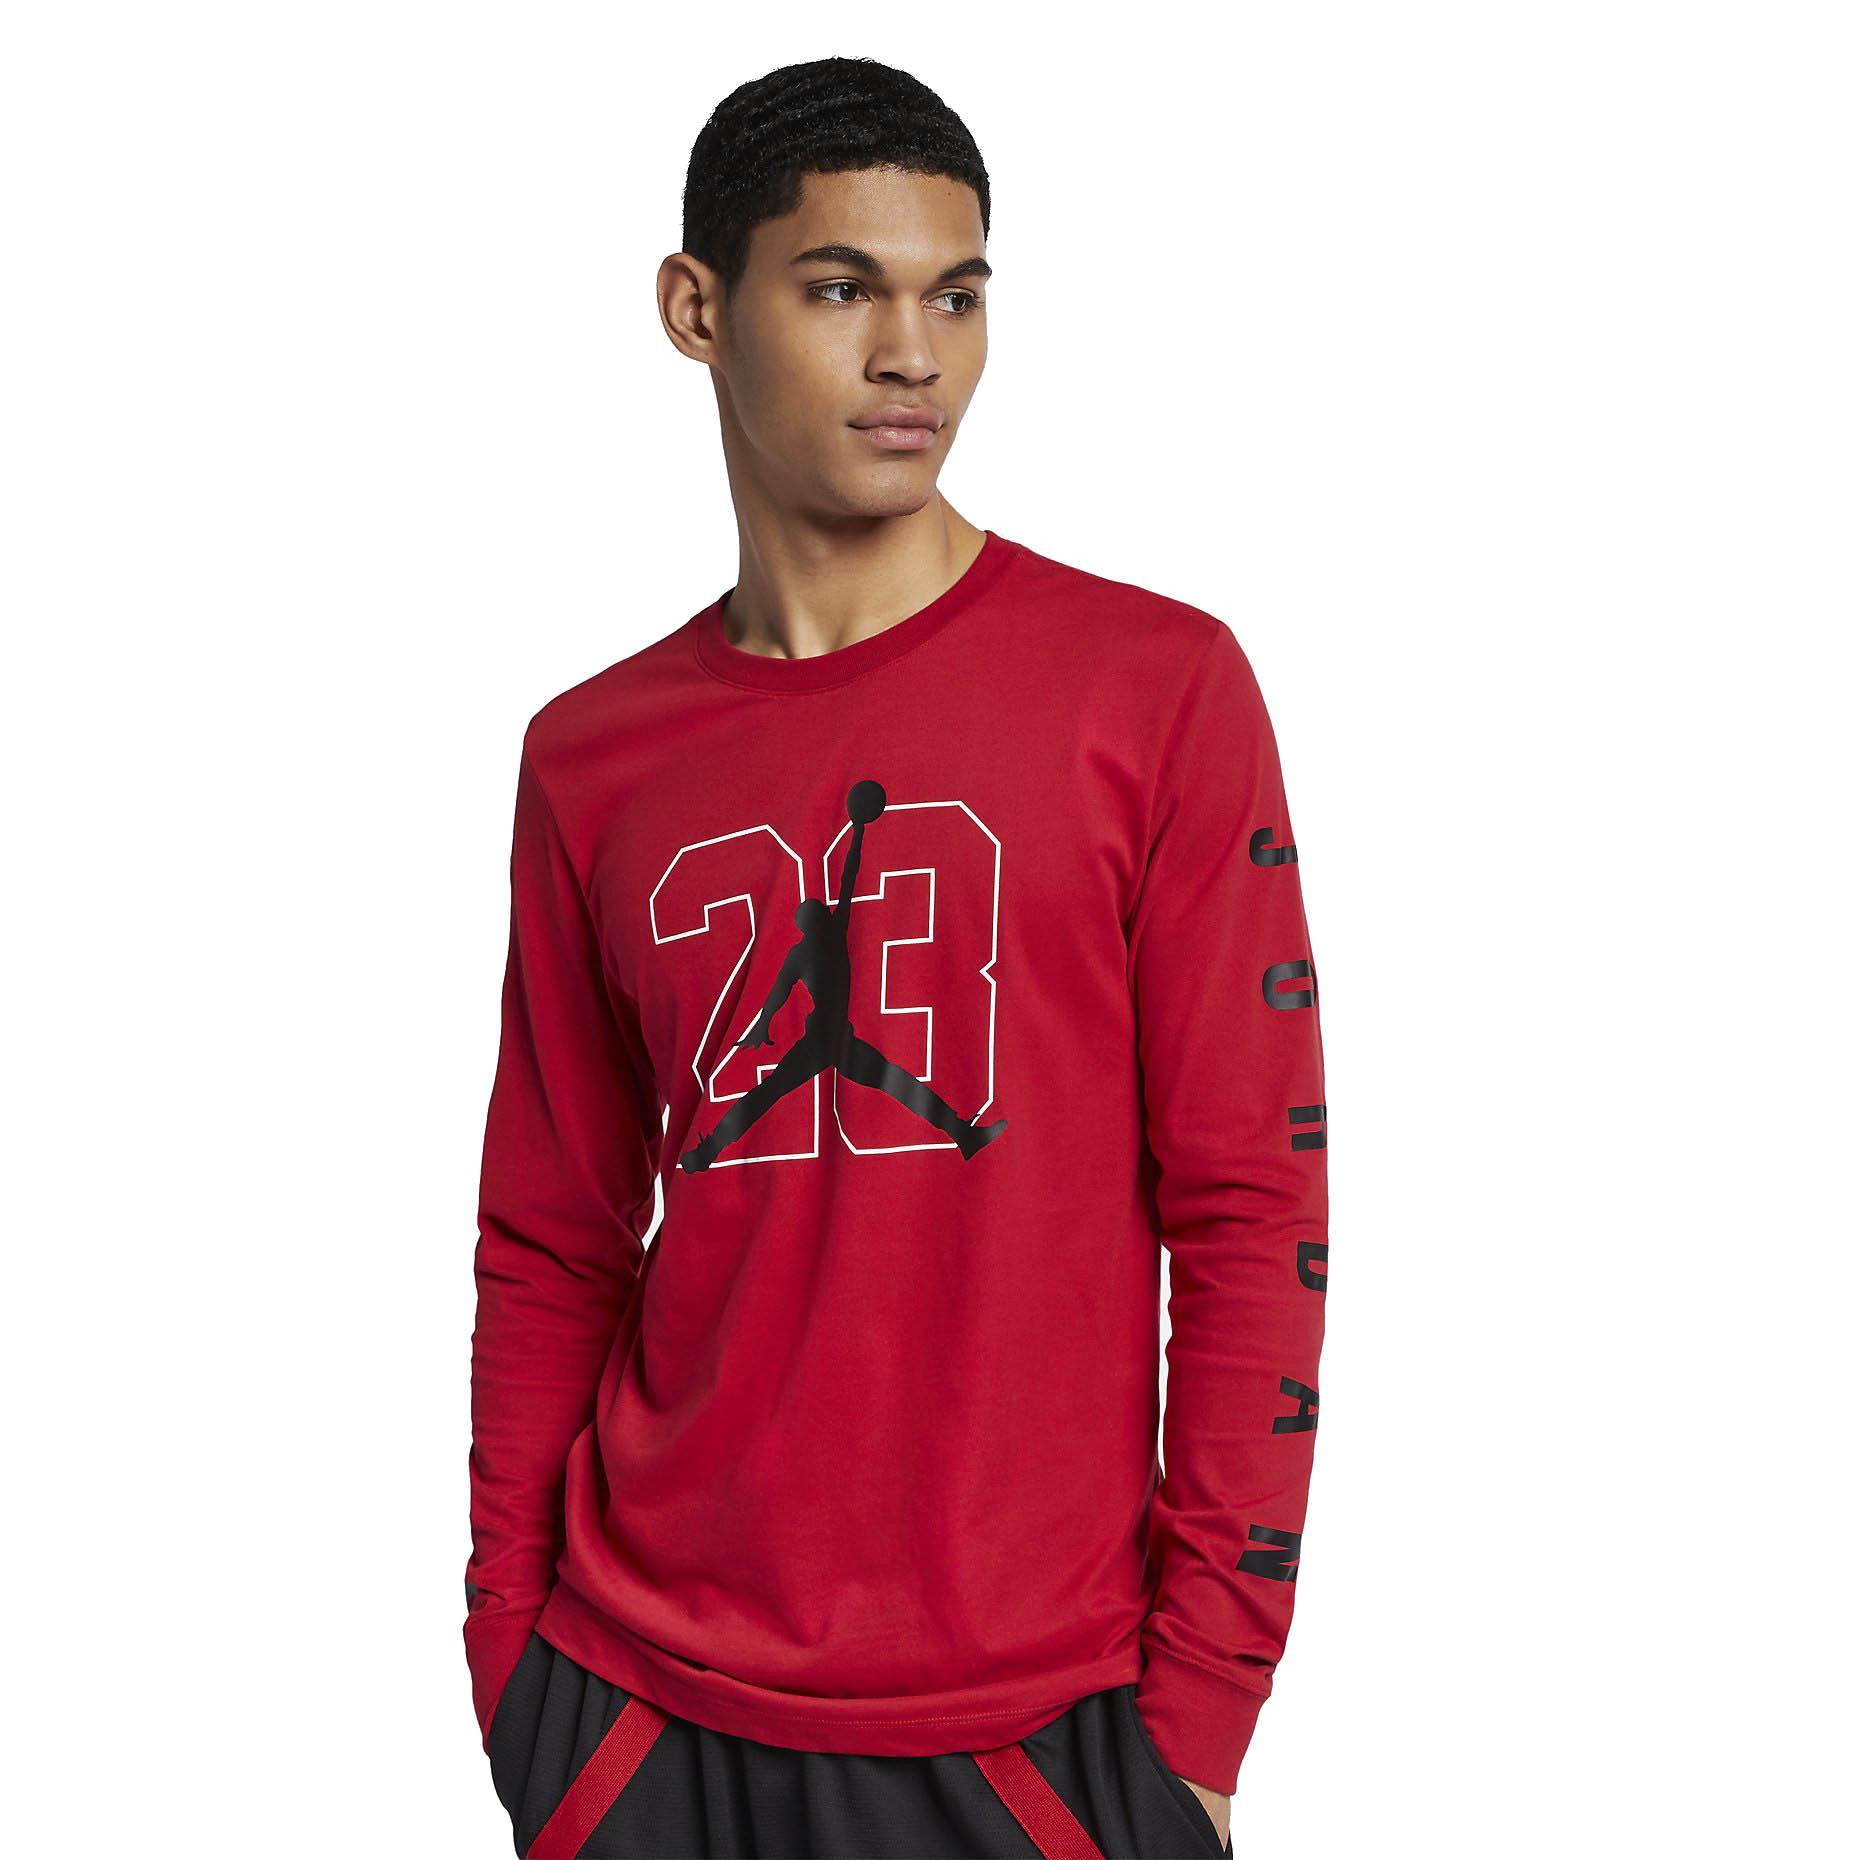 camiseta-jordan-manga-larga-AQ3701-687